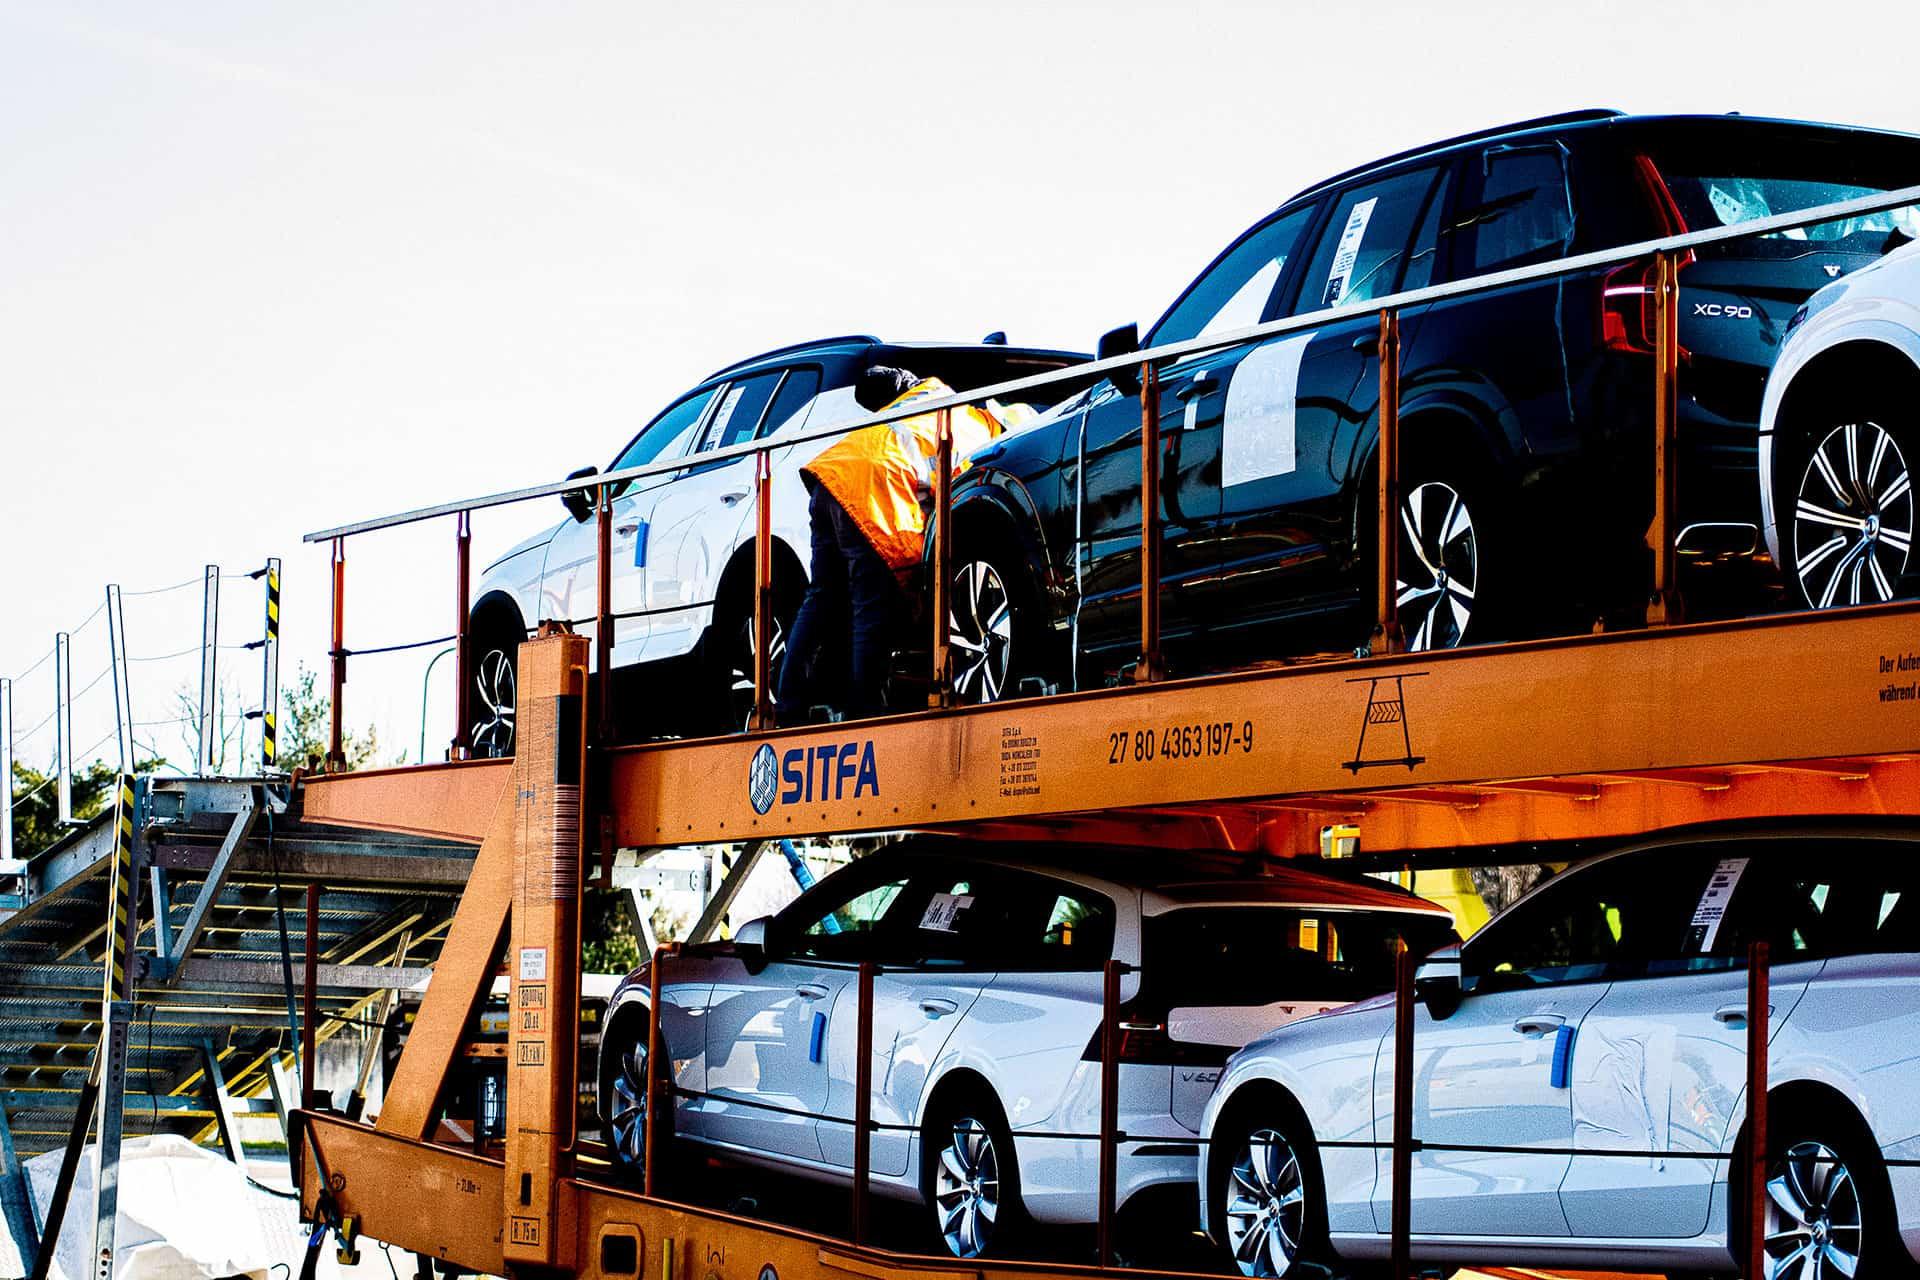 Trasporto convenzionale - trasporto auto Volvo presso il terminal Malpensa Intermodale